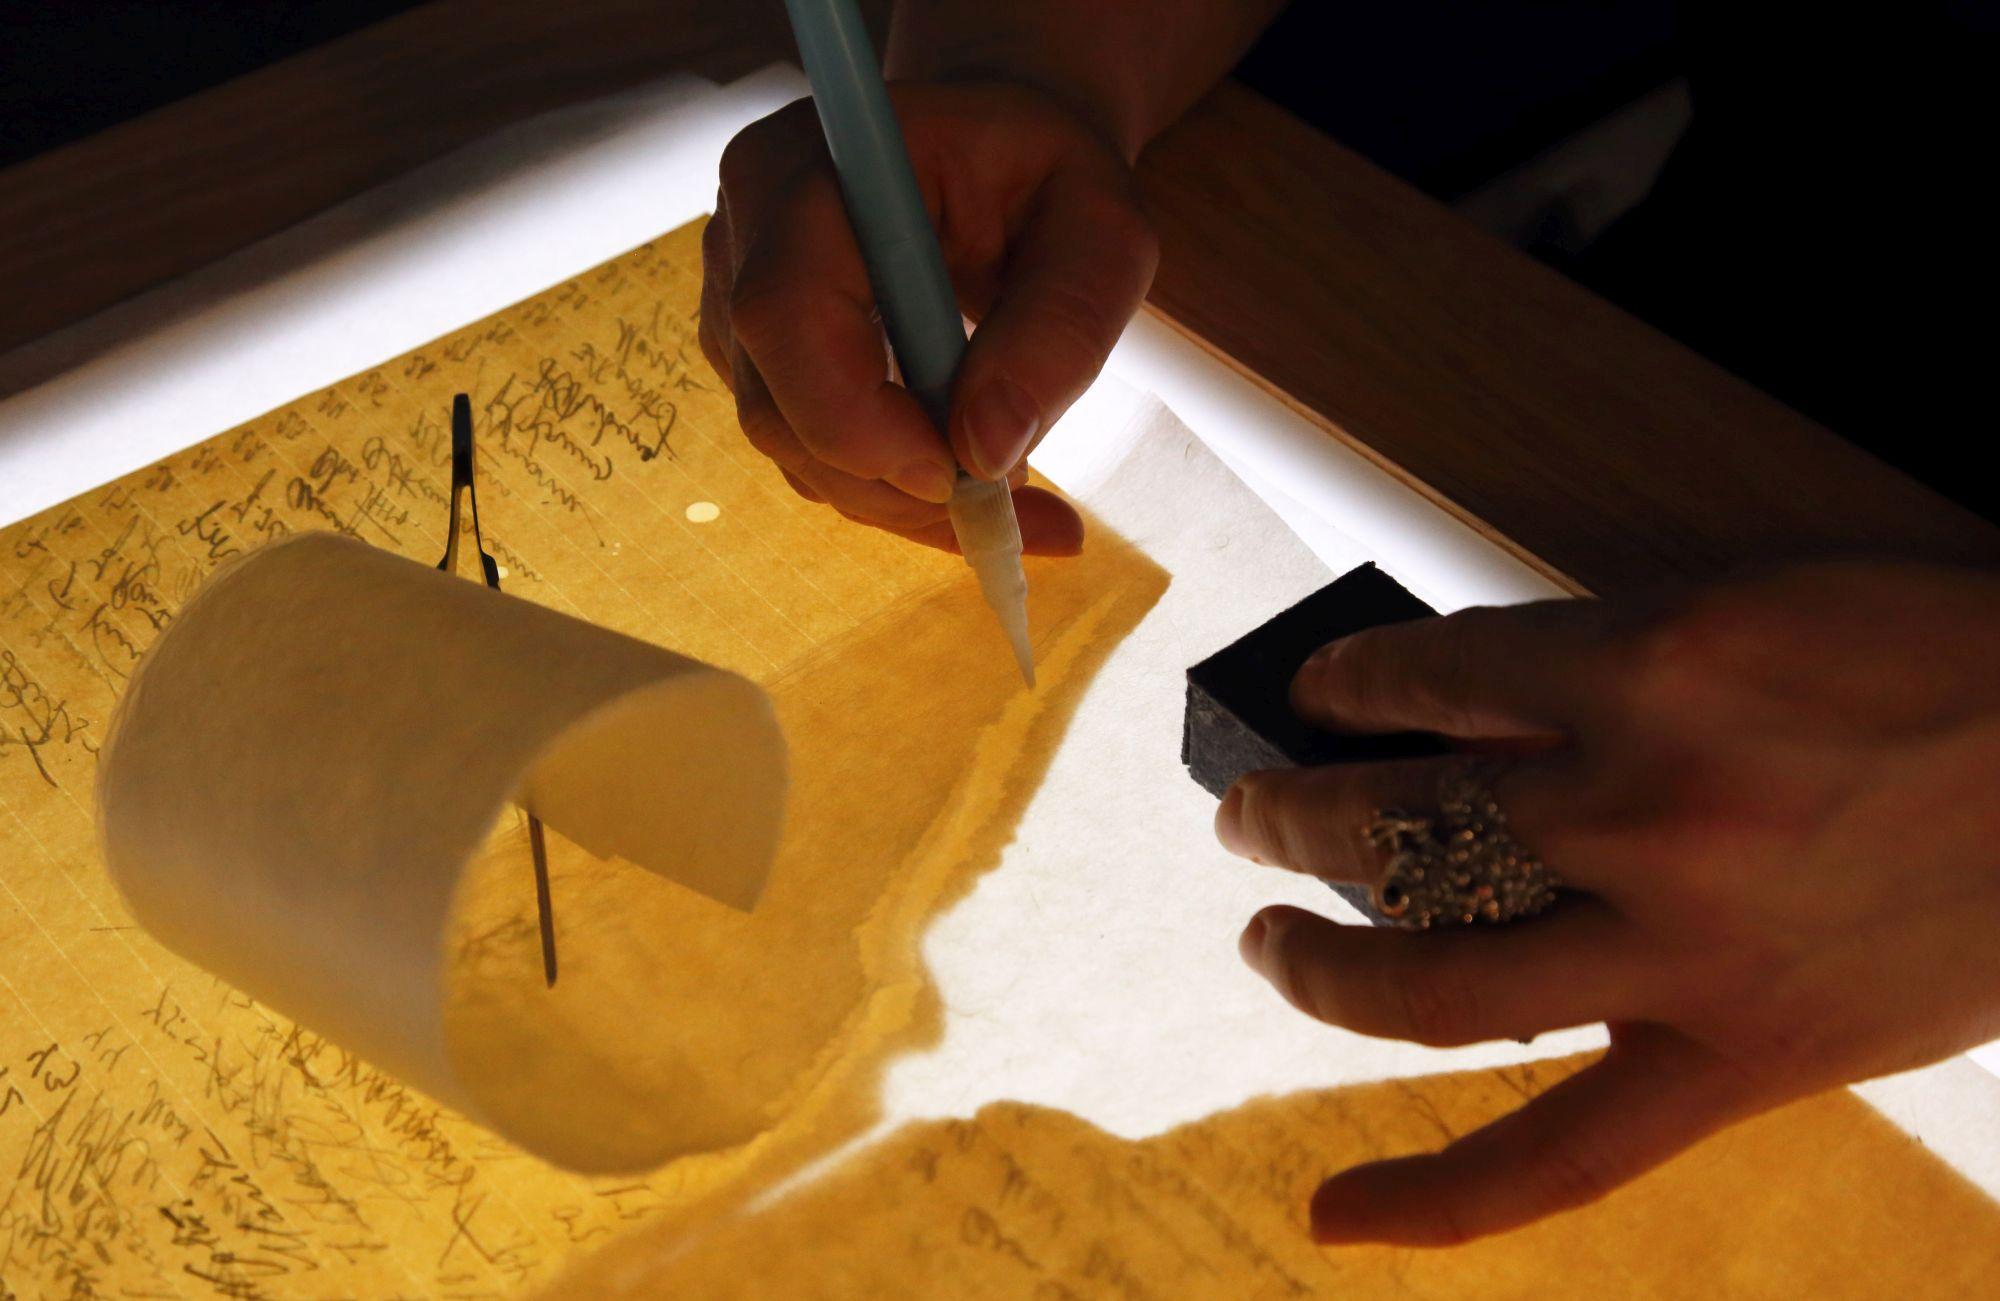 Uus valguslaud abistamas Küllike Pihkvat käsikirjade parandamisel